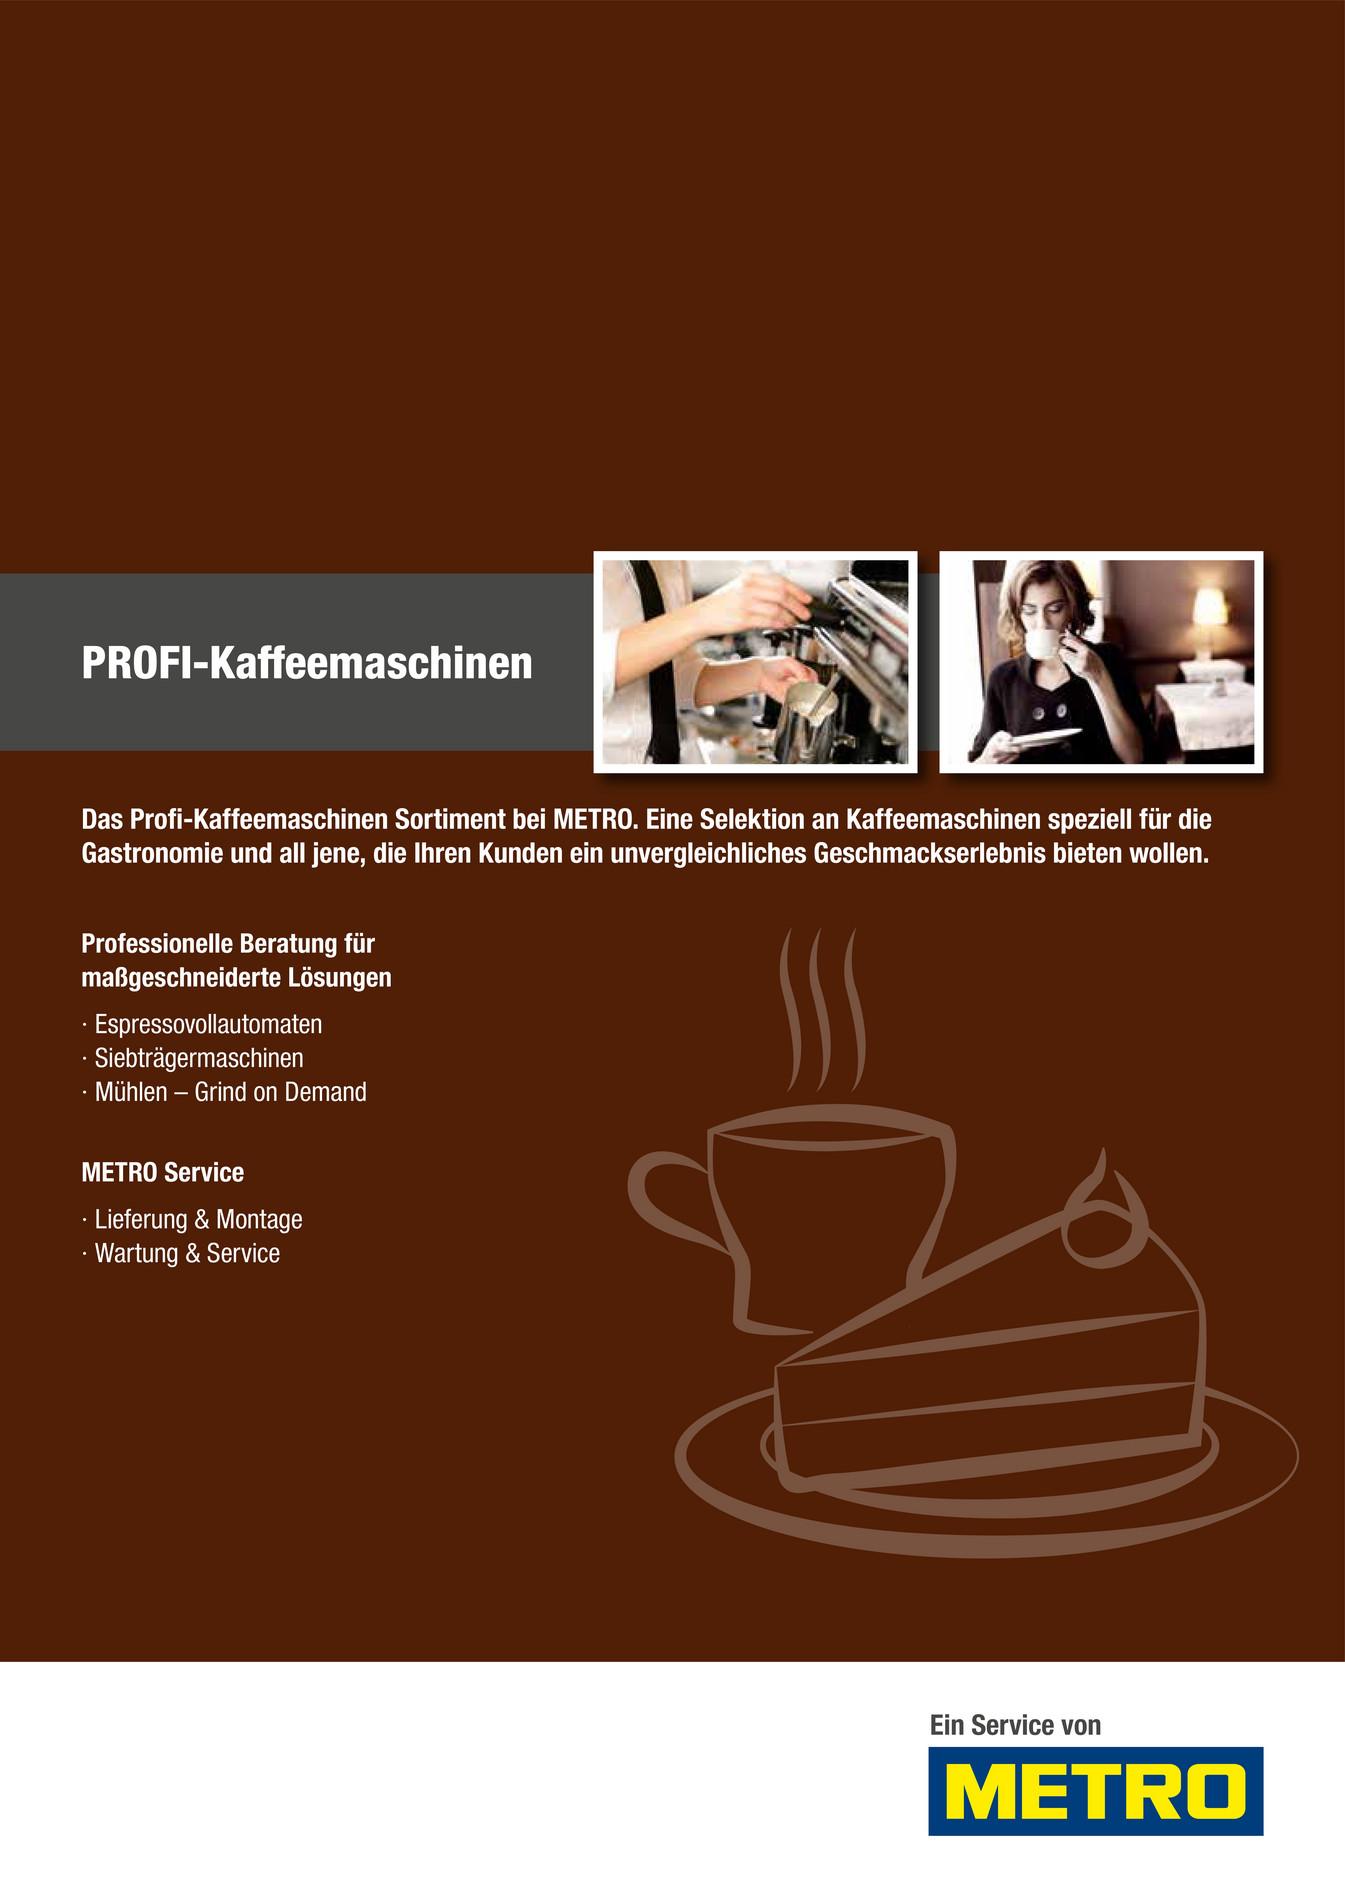 metro sterreich gastronomie profi kaffeemaschinen. Black Bedroom Furniture Sets. Home Design Ideas